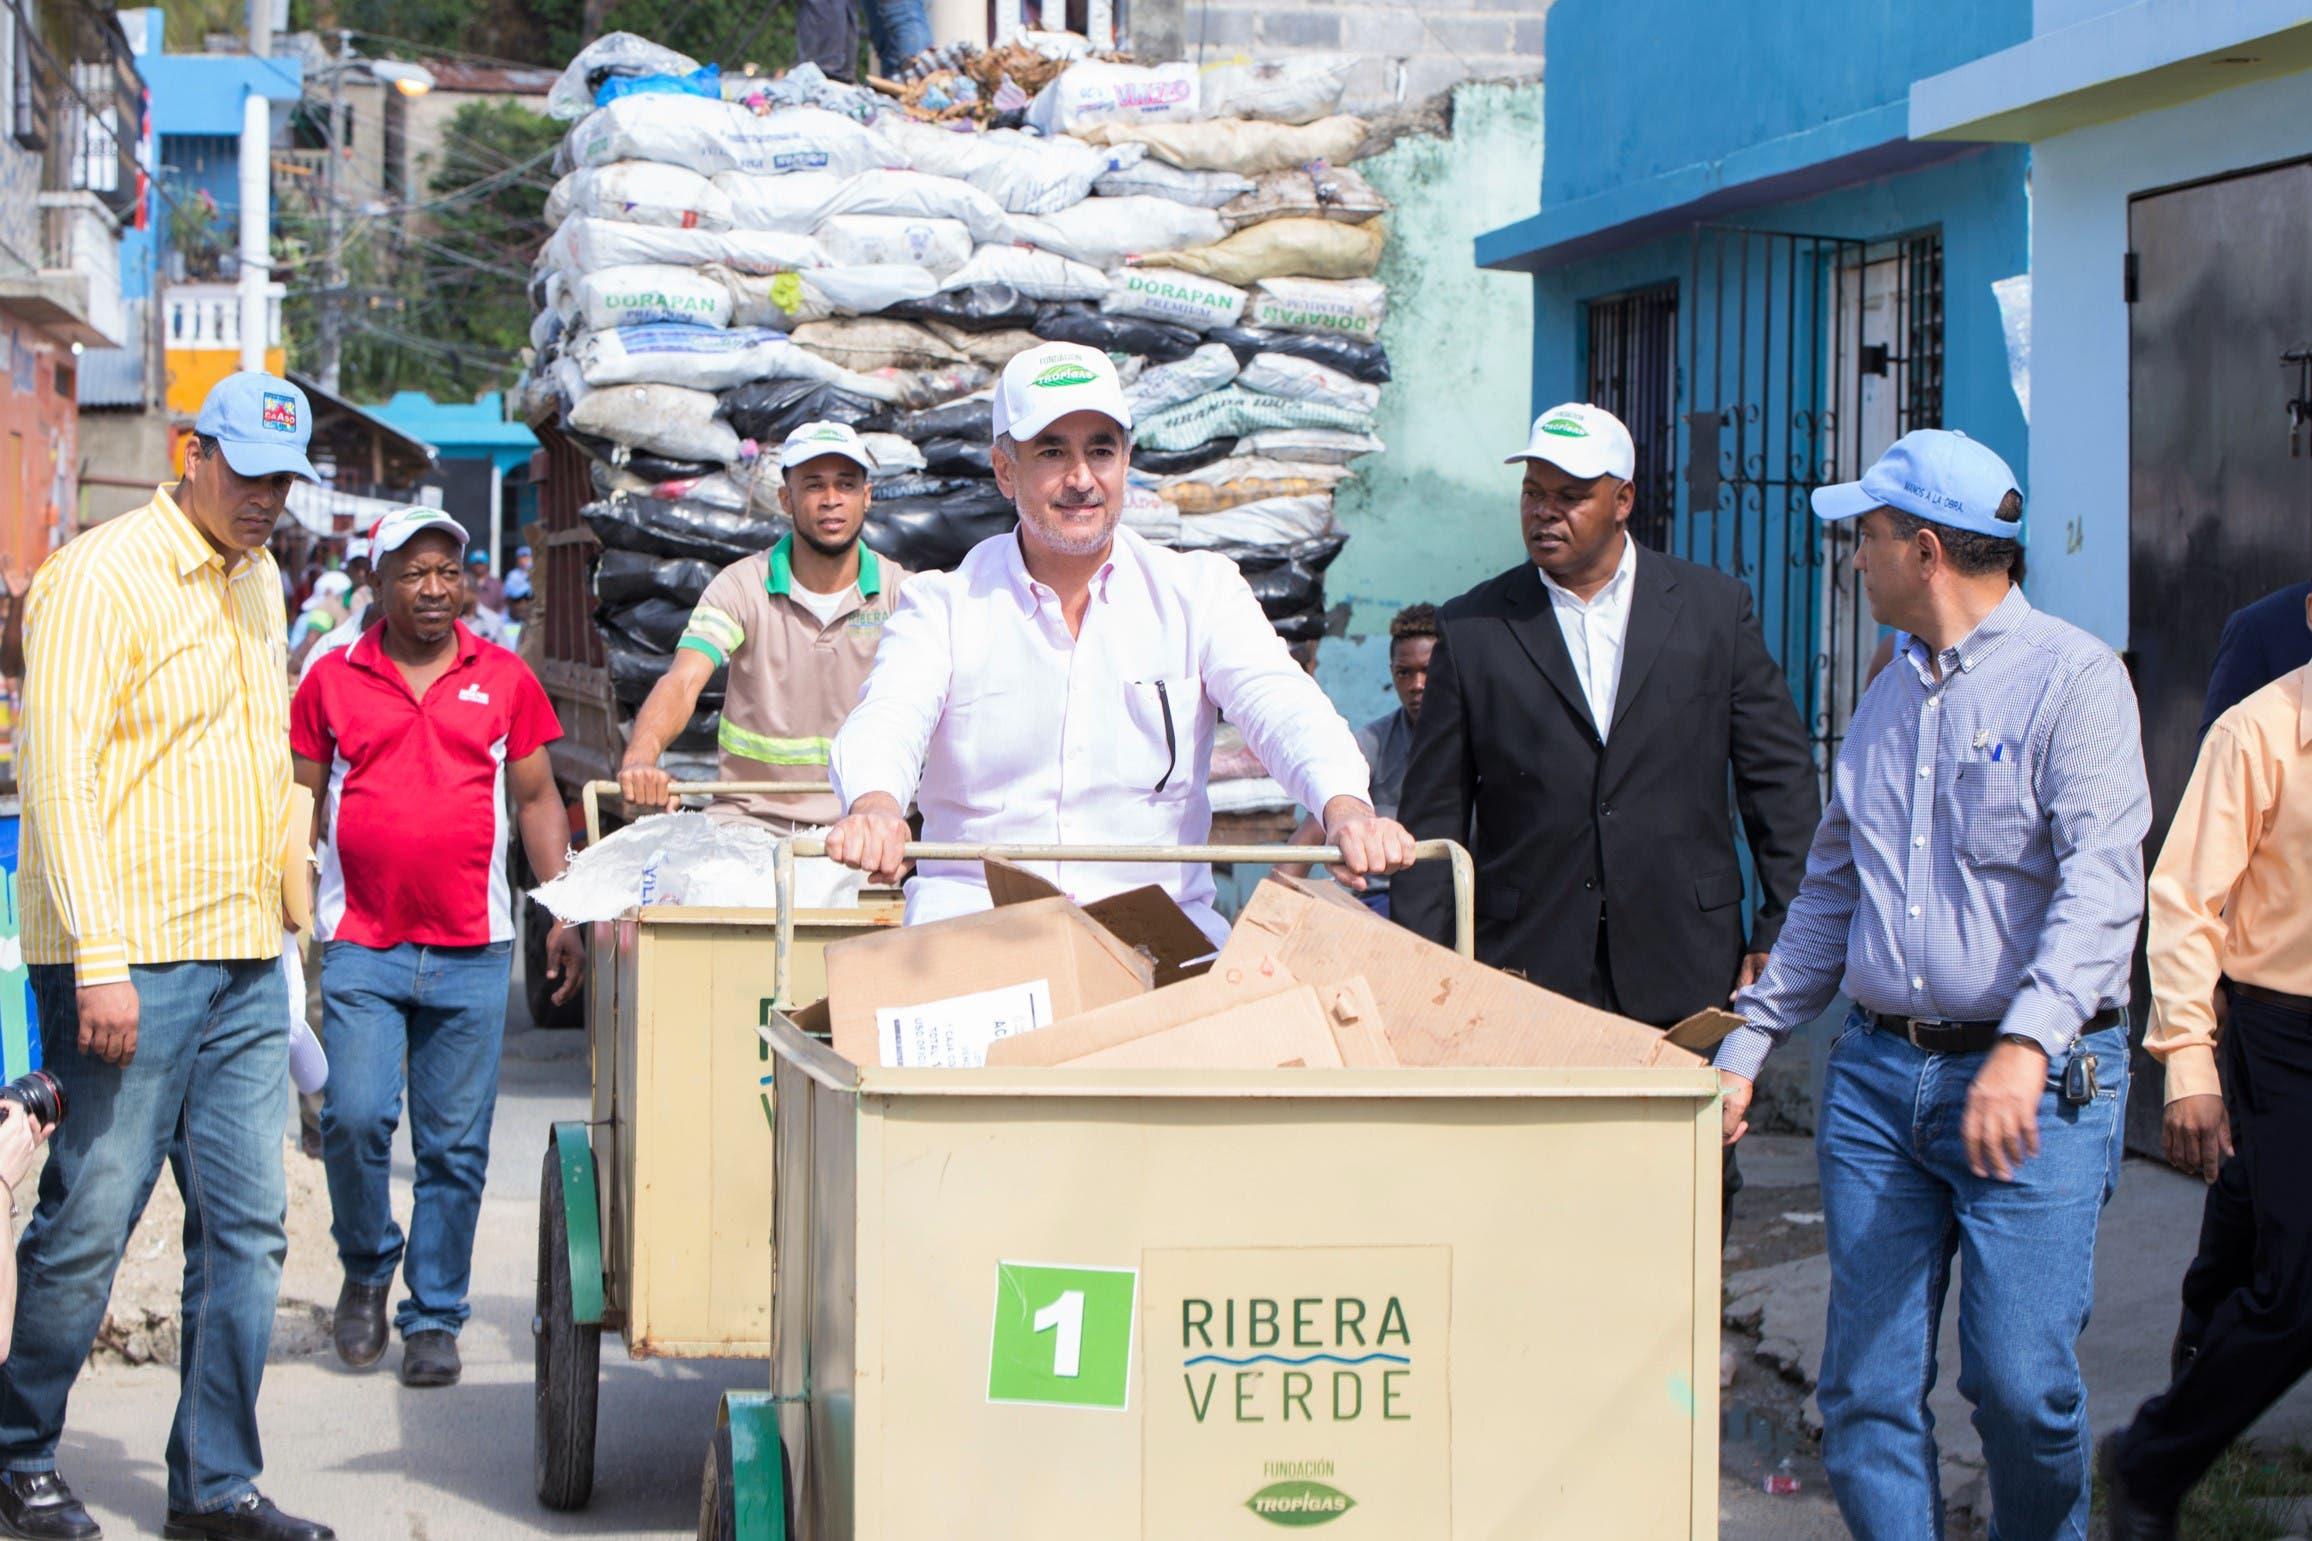 recolectores-de-basura-en-la-cienaga-1-2